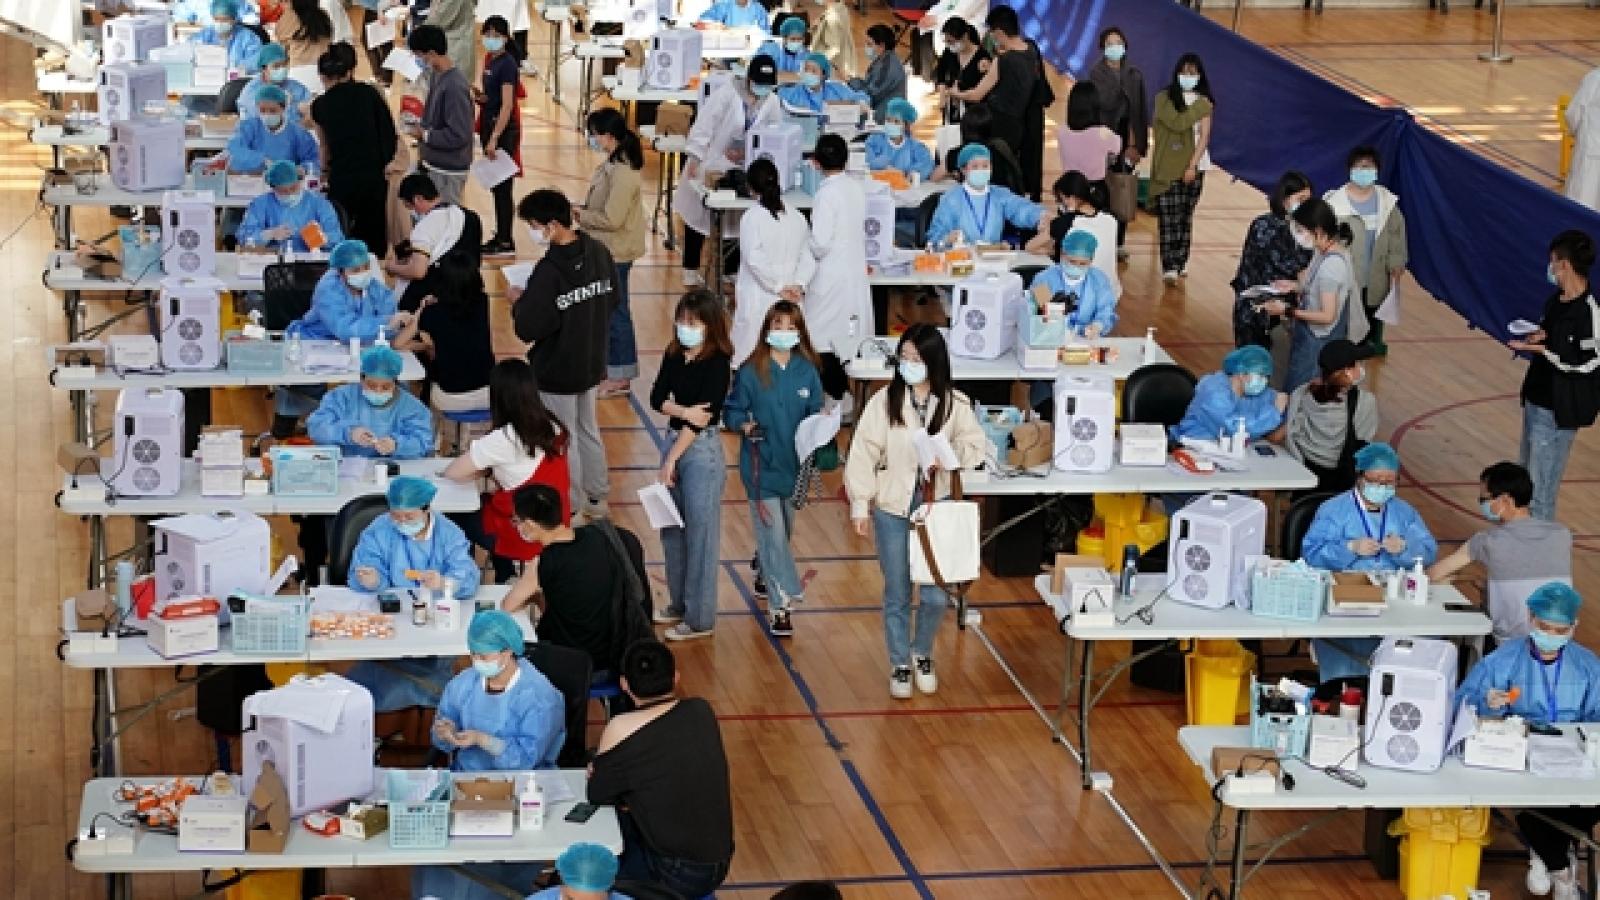 Nhiều địa phương ở Trung Quốc hạn chế đi lại với người chưa tiêm vaccine Covid-19